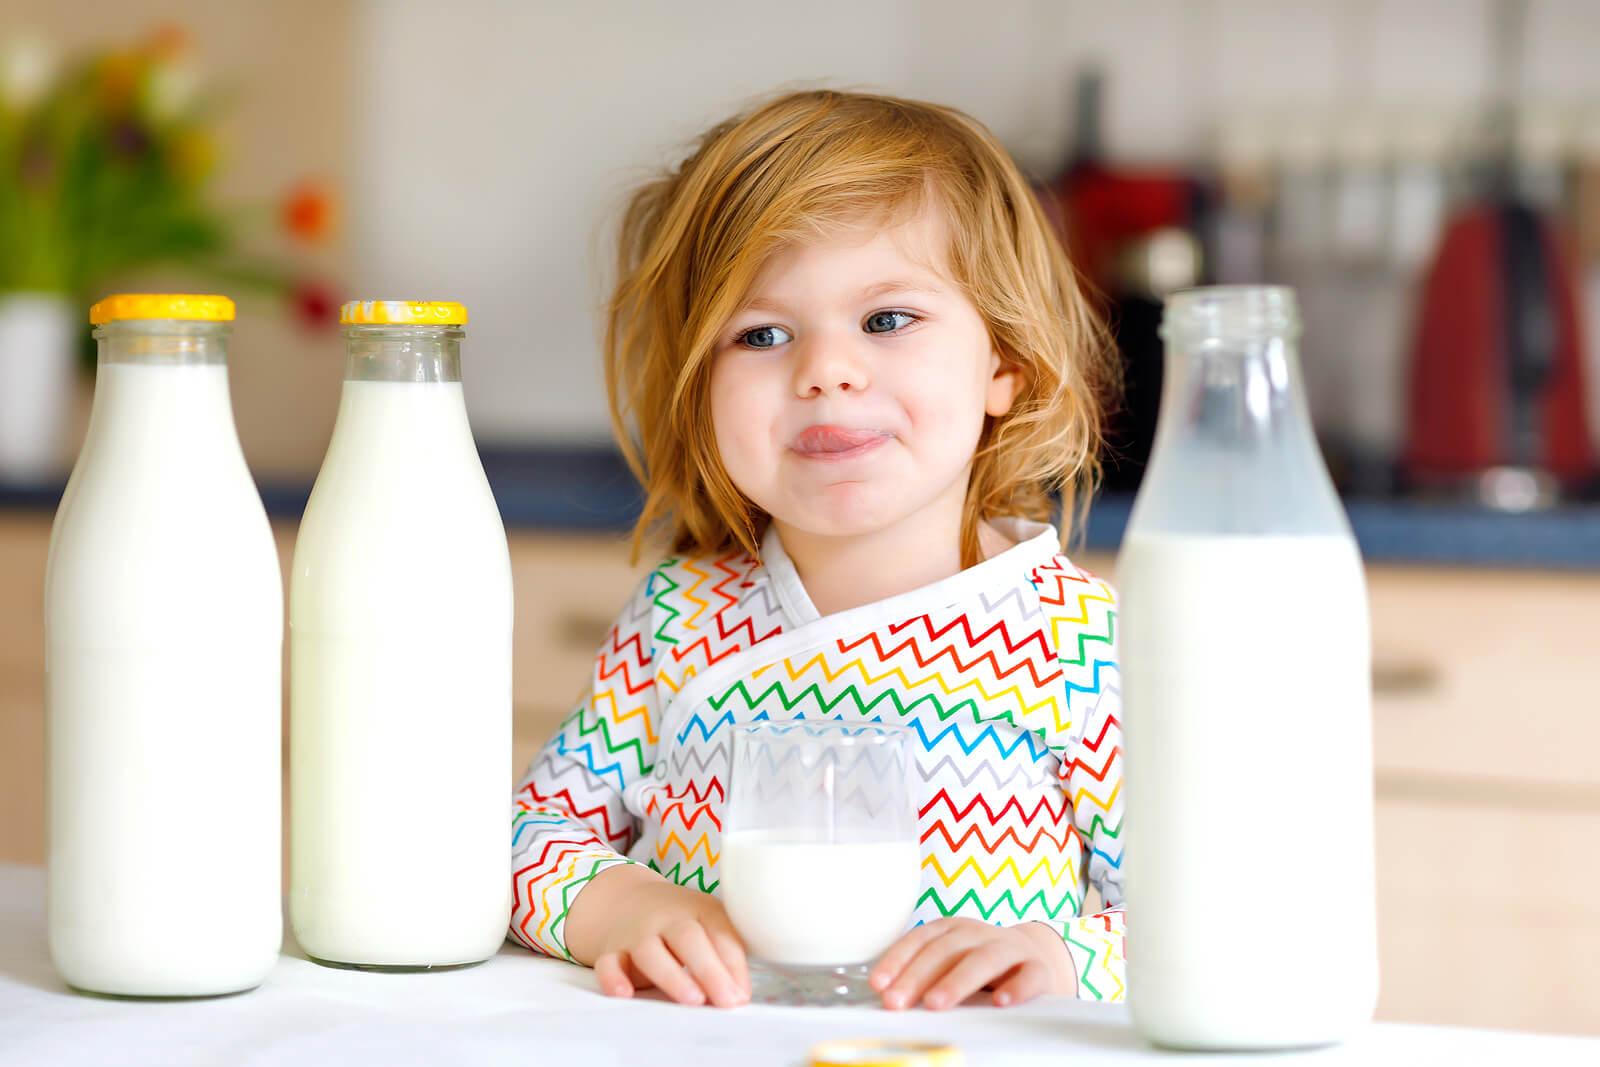 Alergia a la proteína de leche de vaca en niños